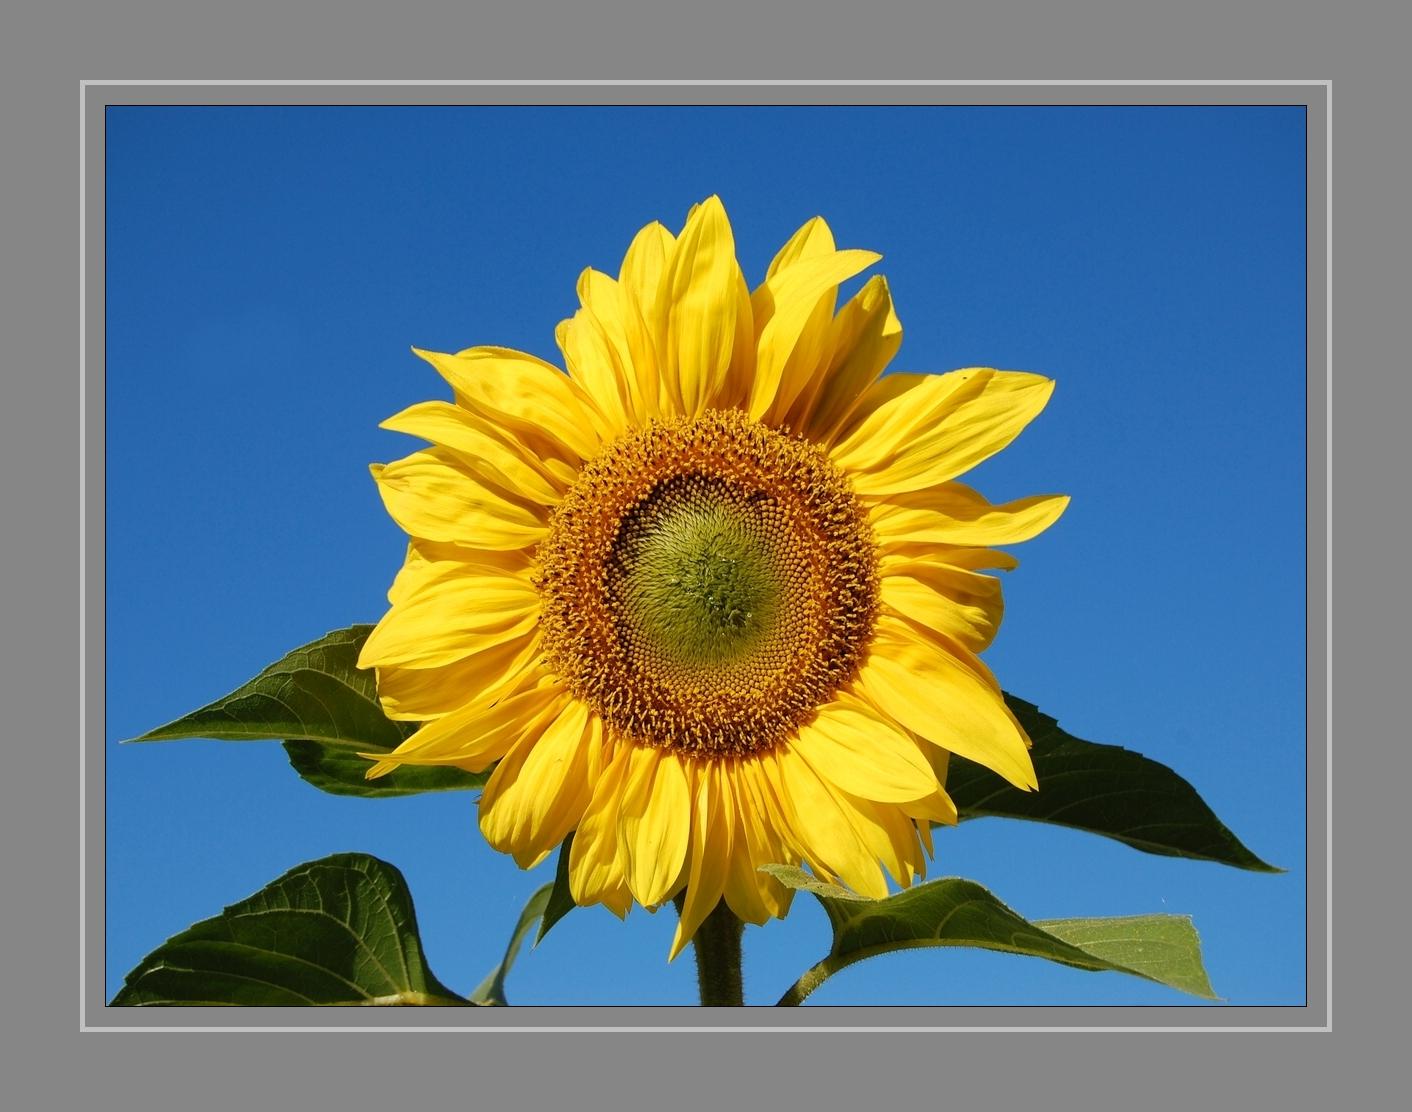 sonnenblume bedeutung die sonnenblume sprache der blumen garten die bedeutung der blumen